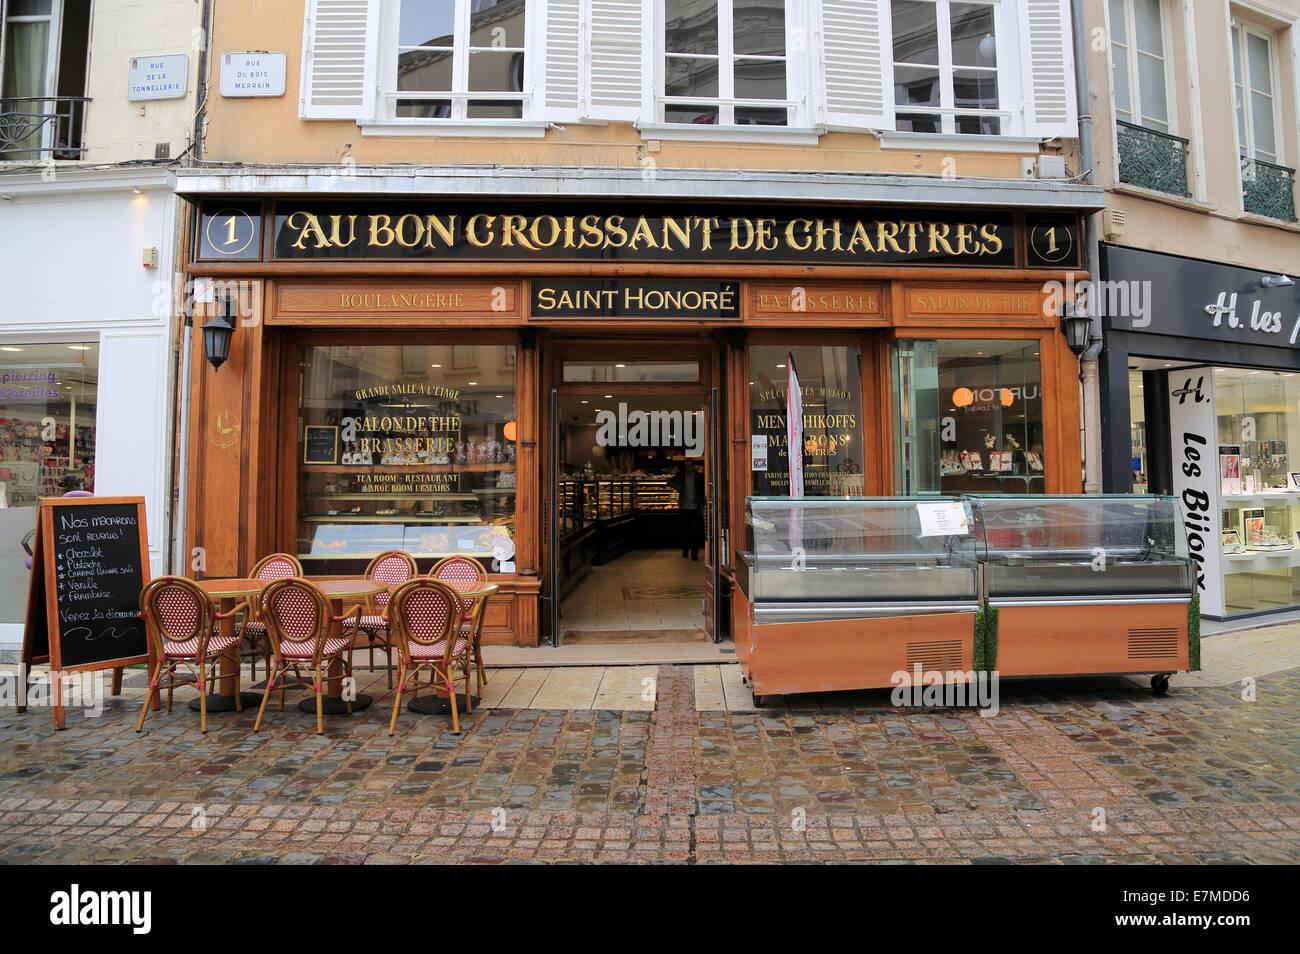 au bon croissant de chartres cafe boulangerie in rue du